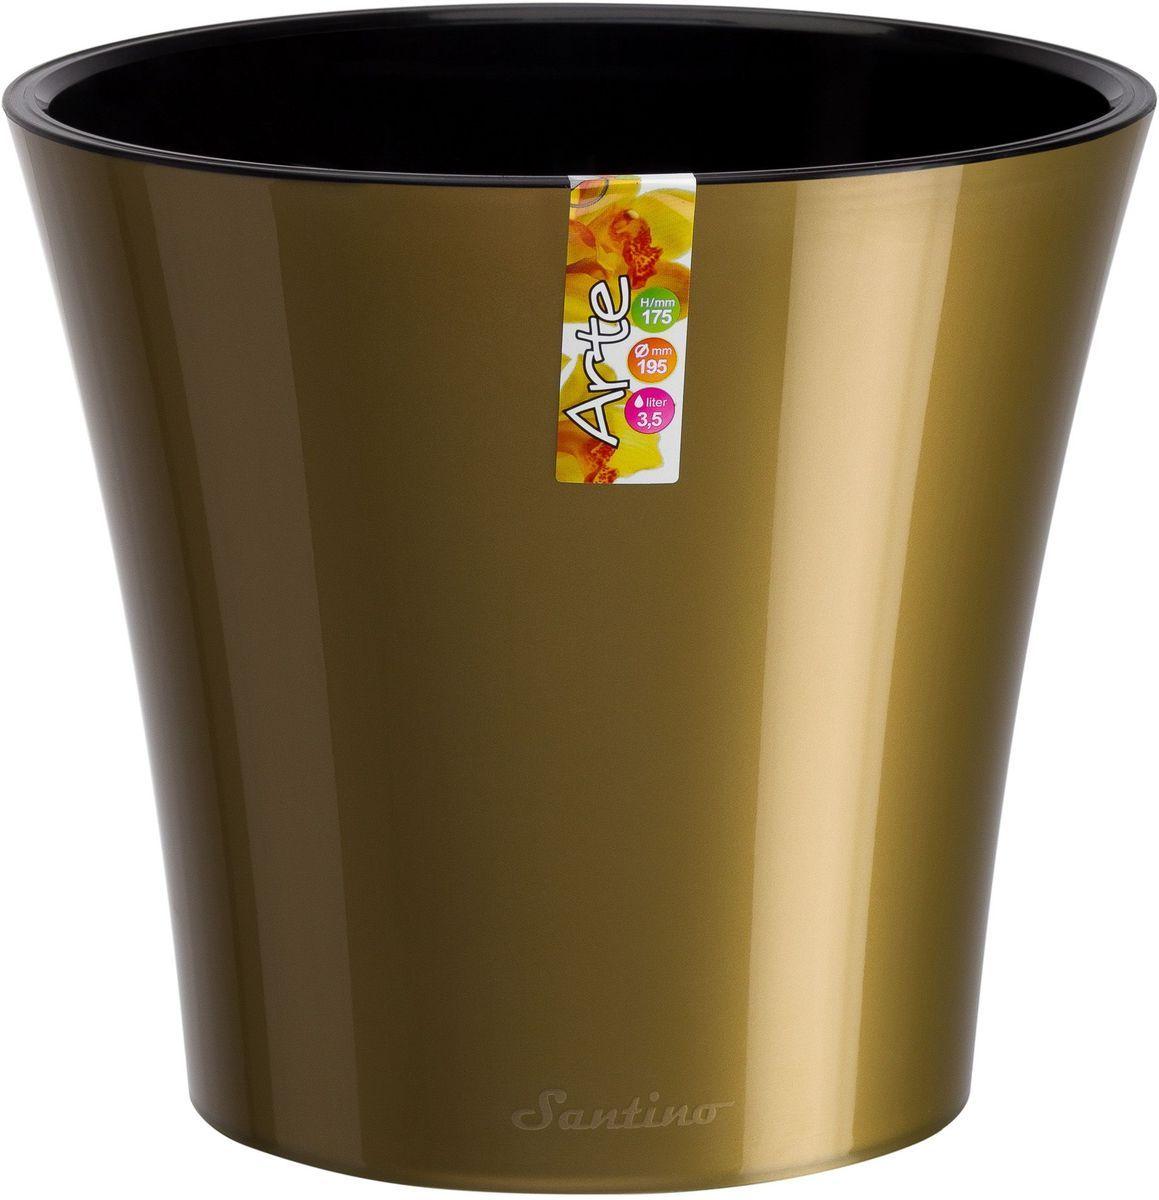 Горшок цветочный Santino Арте, двойной, с системой автополива, цвет: золотой, черный, 2 лING50030ВНГЛюбой, даже самый современный и продуманный интерьер будет незавершенным без растений. Они не только очищают воздух и насыщают его кислородом, но и украшают окружающее пространство. Такому полезному члену семьи просто необходим красивый и функциональный дом! Оптимальный выбор материала — пластмасса! Почему мы так считаем? Малый вес. С легкостью переносите горшки и кашпо с места на место, ставьте их на столики или полки, не беспокоясь о нагрузке. Простота ухода. Кашпо не нуждается в специальных условиях хранения. Его легко чистить — достаточно просто сполоснуть теплой водой. Никаких потертостей. Такие кашпо не царапают и не загрязняют поверхности, на которых стоят. Пластик дольше хранит влагу, а значит, растение реже нуждается в поливе. Пластмасса не пропускает воздух — корневой системе растения не грозят резкие перепады температур. Огромный выбор форм, декора и расцветок — вы без труда найдете что-то, что идеально впишется в уже существующий интерьер. Соблюдая нехитрые правила ухода, вы можете заметно продлить срок службы горшков и кашпо из пластика: всегда учитывайте размер кроны и корневой системы (при разрастании большое растение способно повредить маленький горшок) берегите изделие от воздействия прямых солнечных лучей, чтобы горшки не выцветали держите кашпо из пластика подальше от нагревающихся поверхностей. Создавайте прекрасные цветочные композиции, выращивайте рассаду или необычные растения.